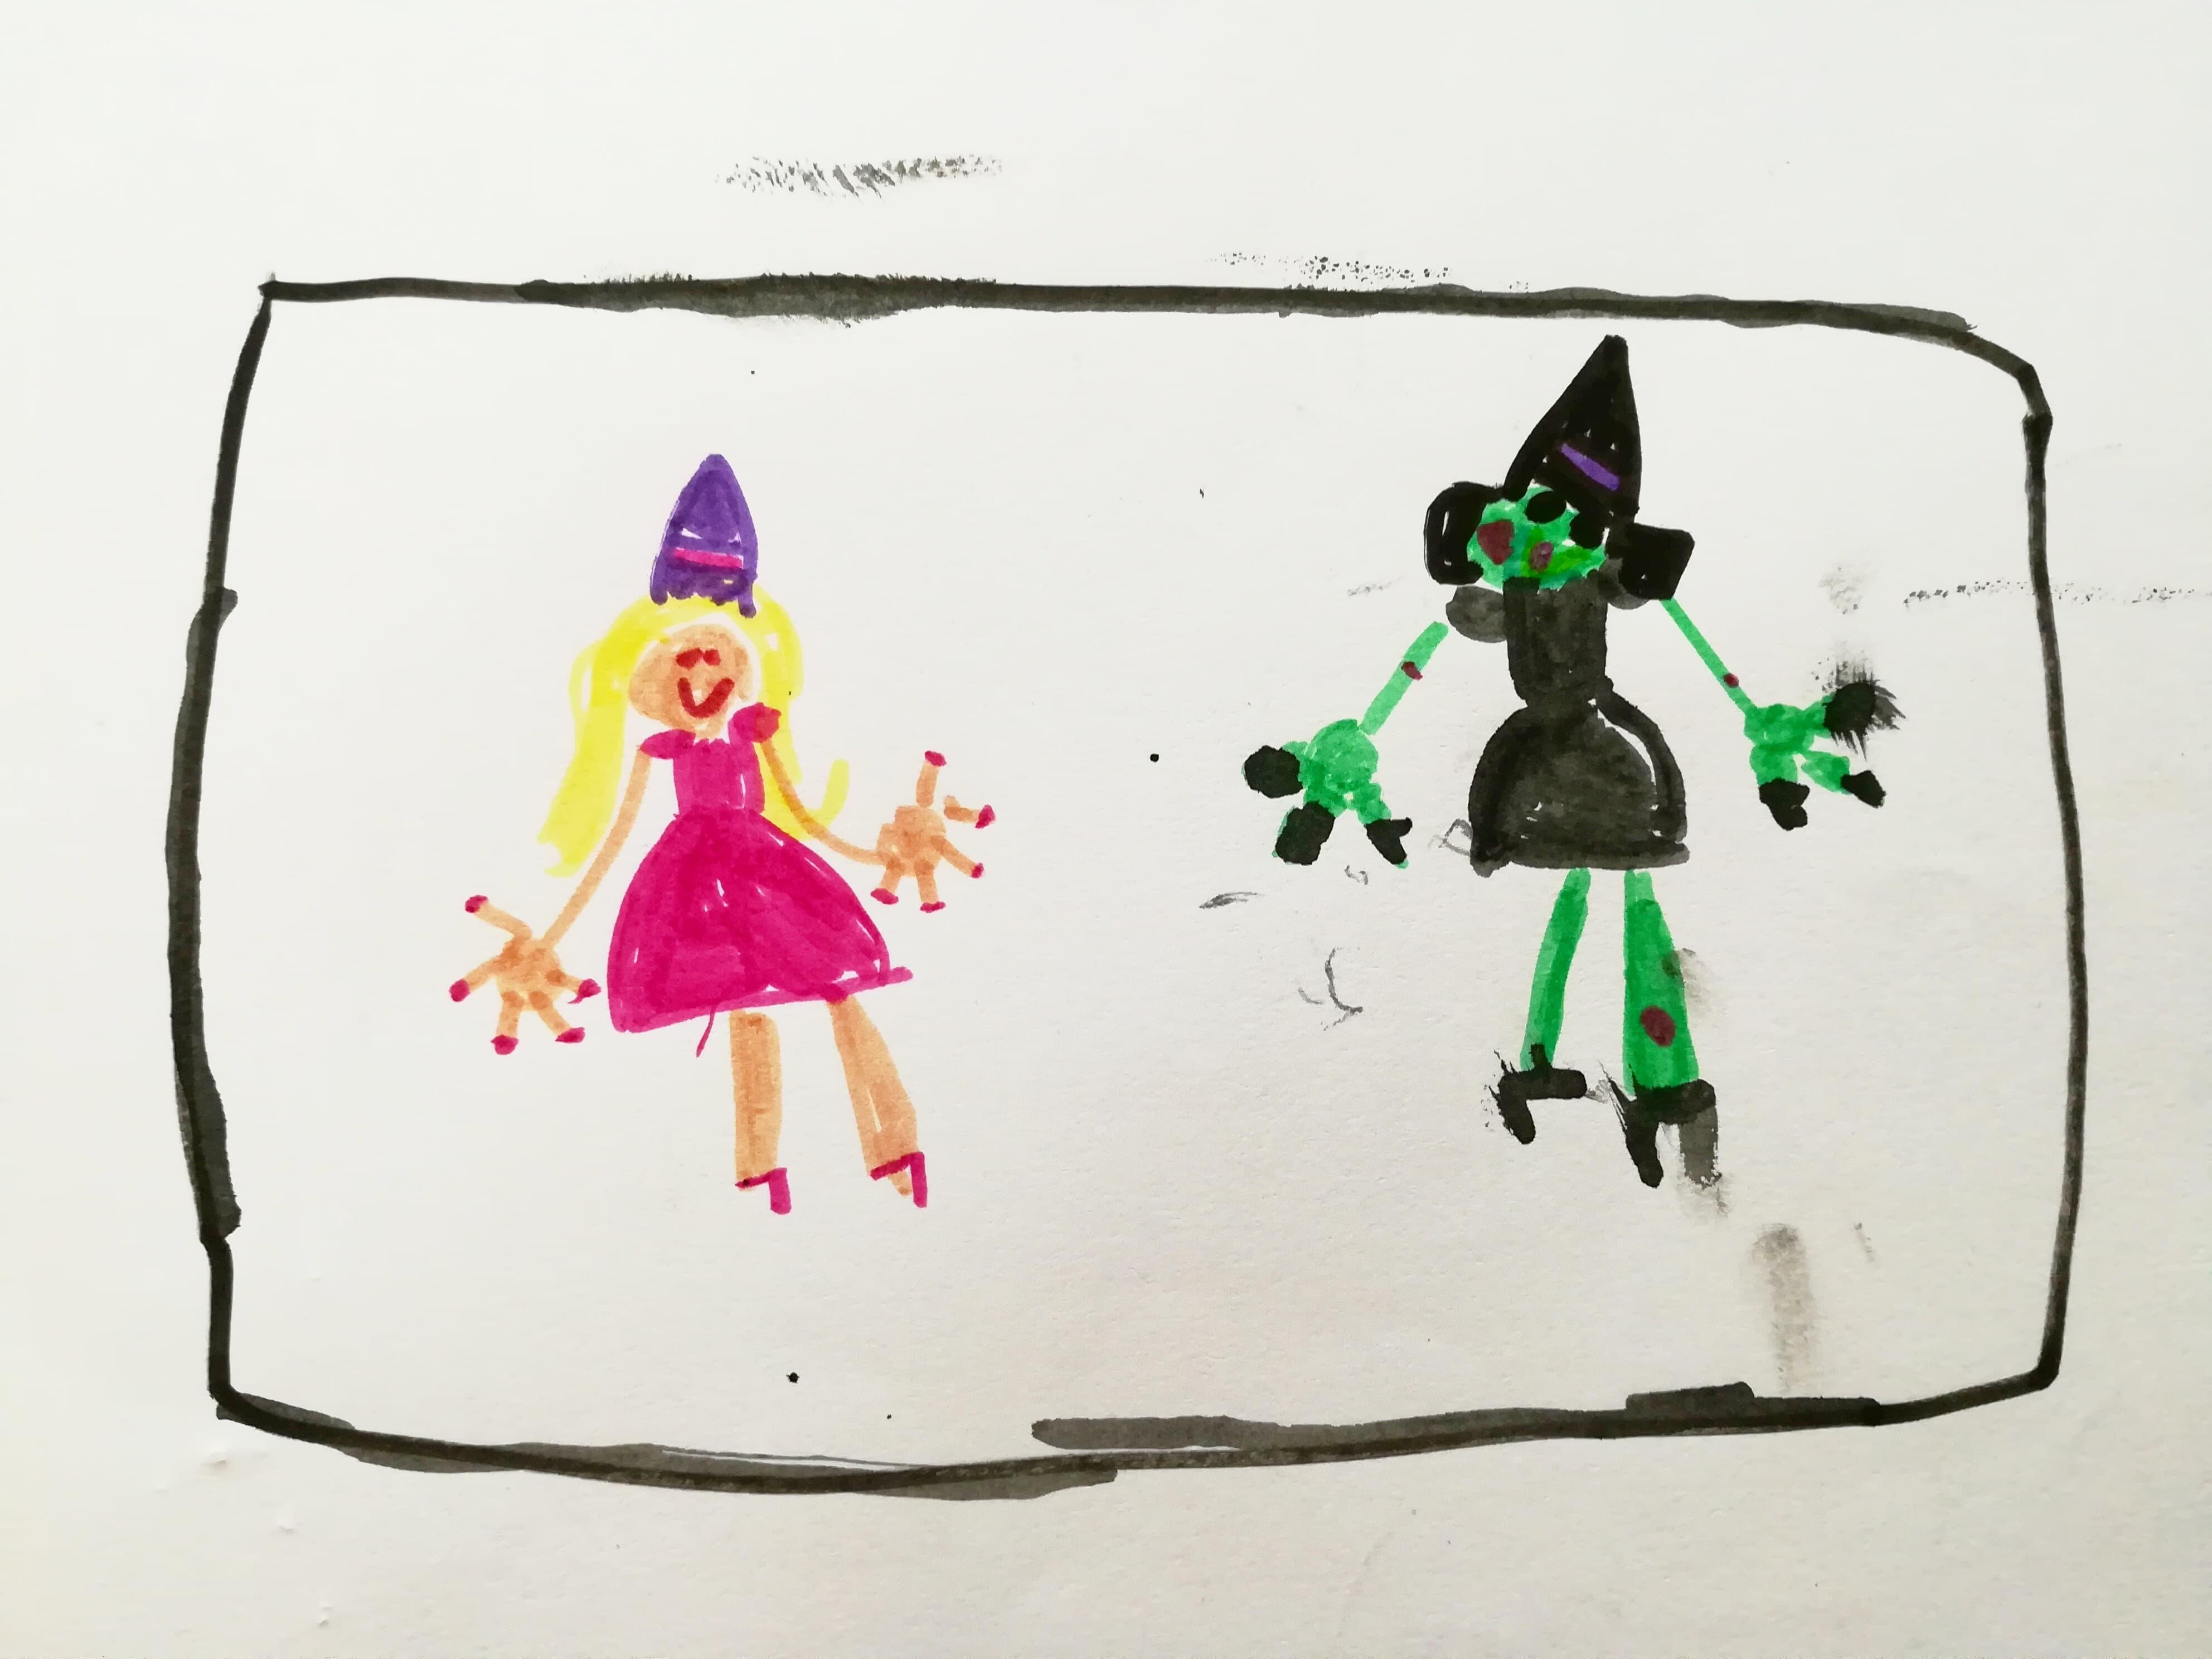 GC - petit bonheur - dessins d'enfants emmy